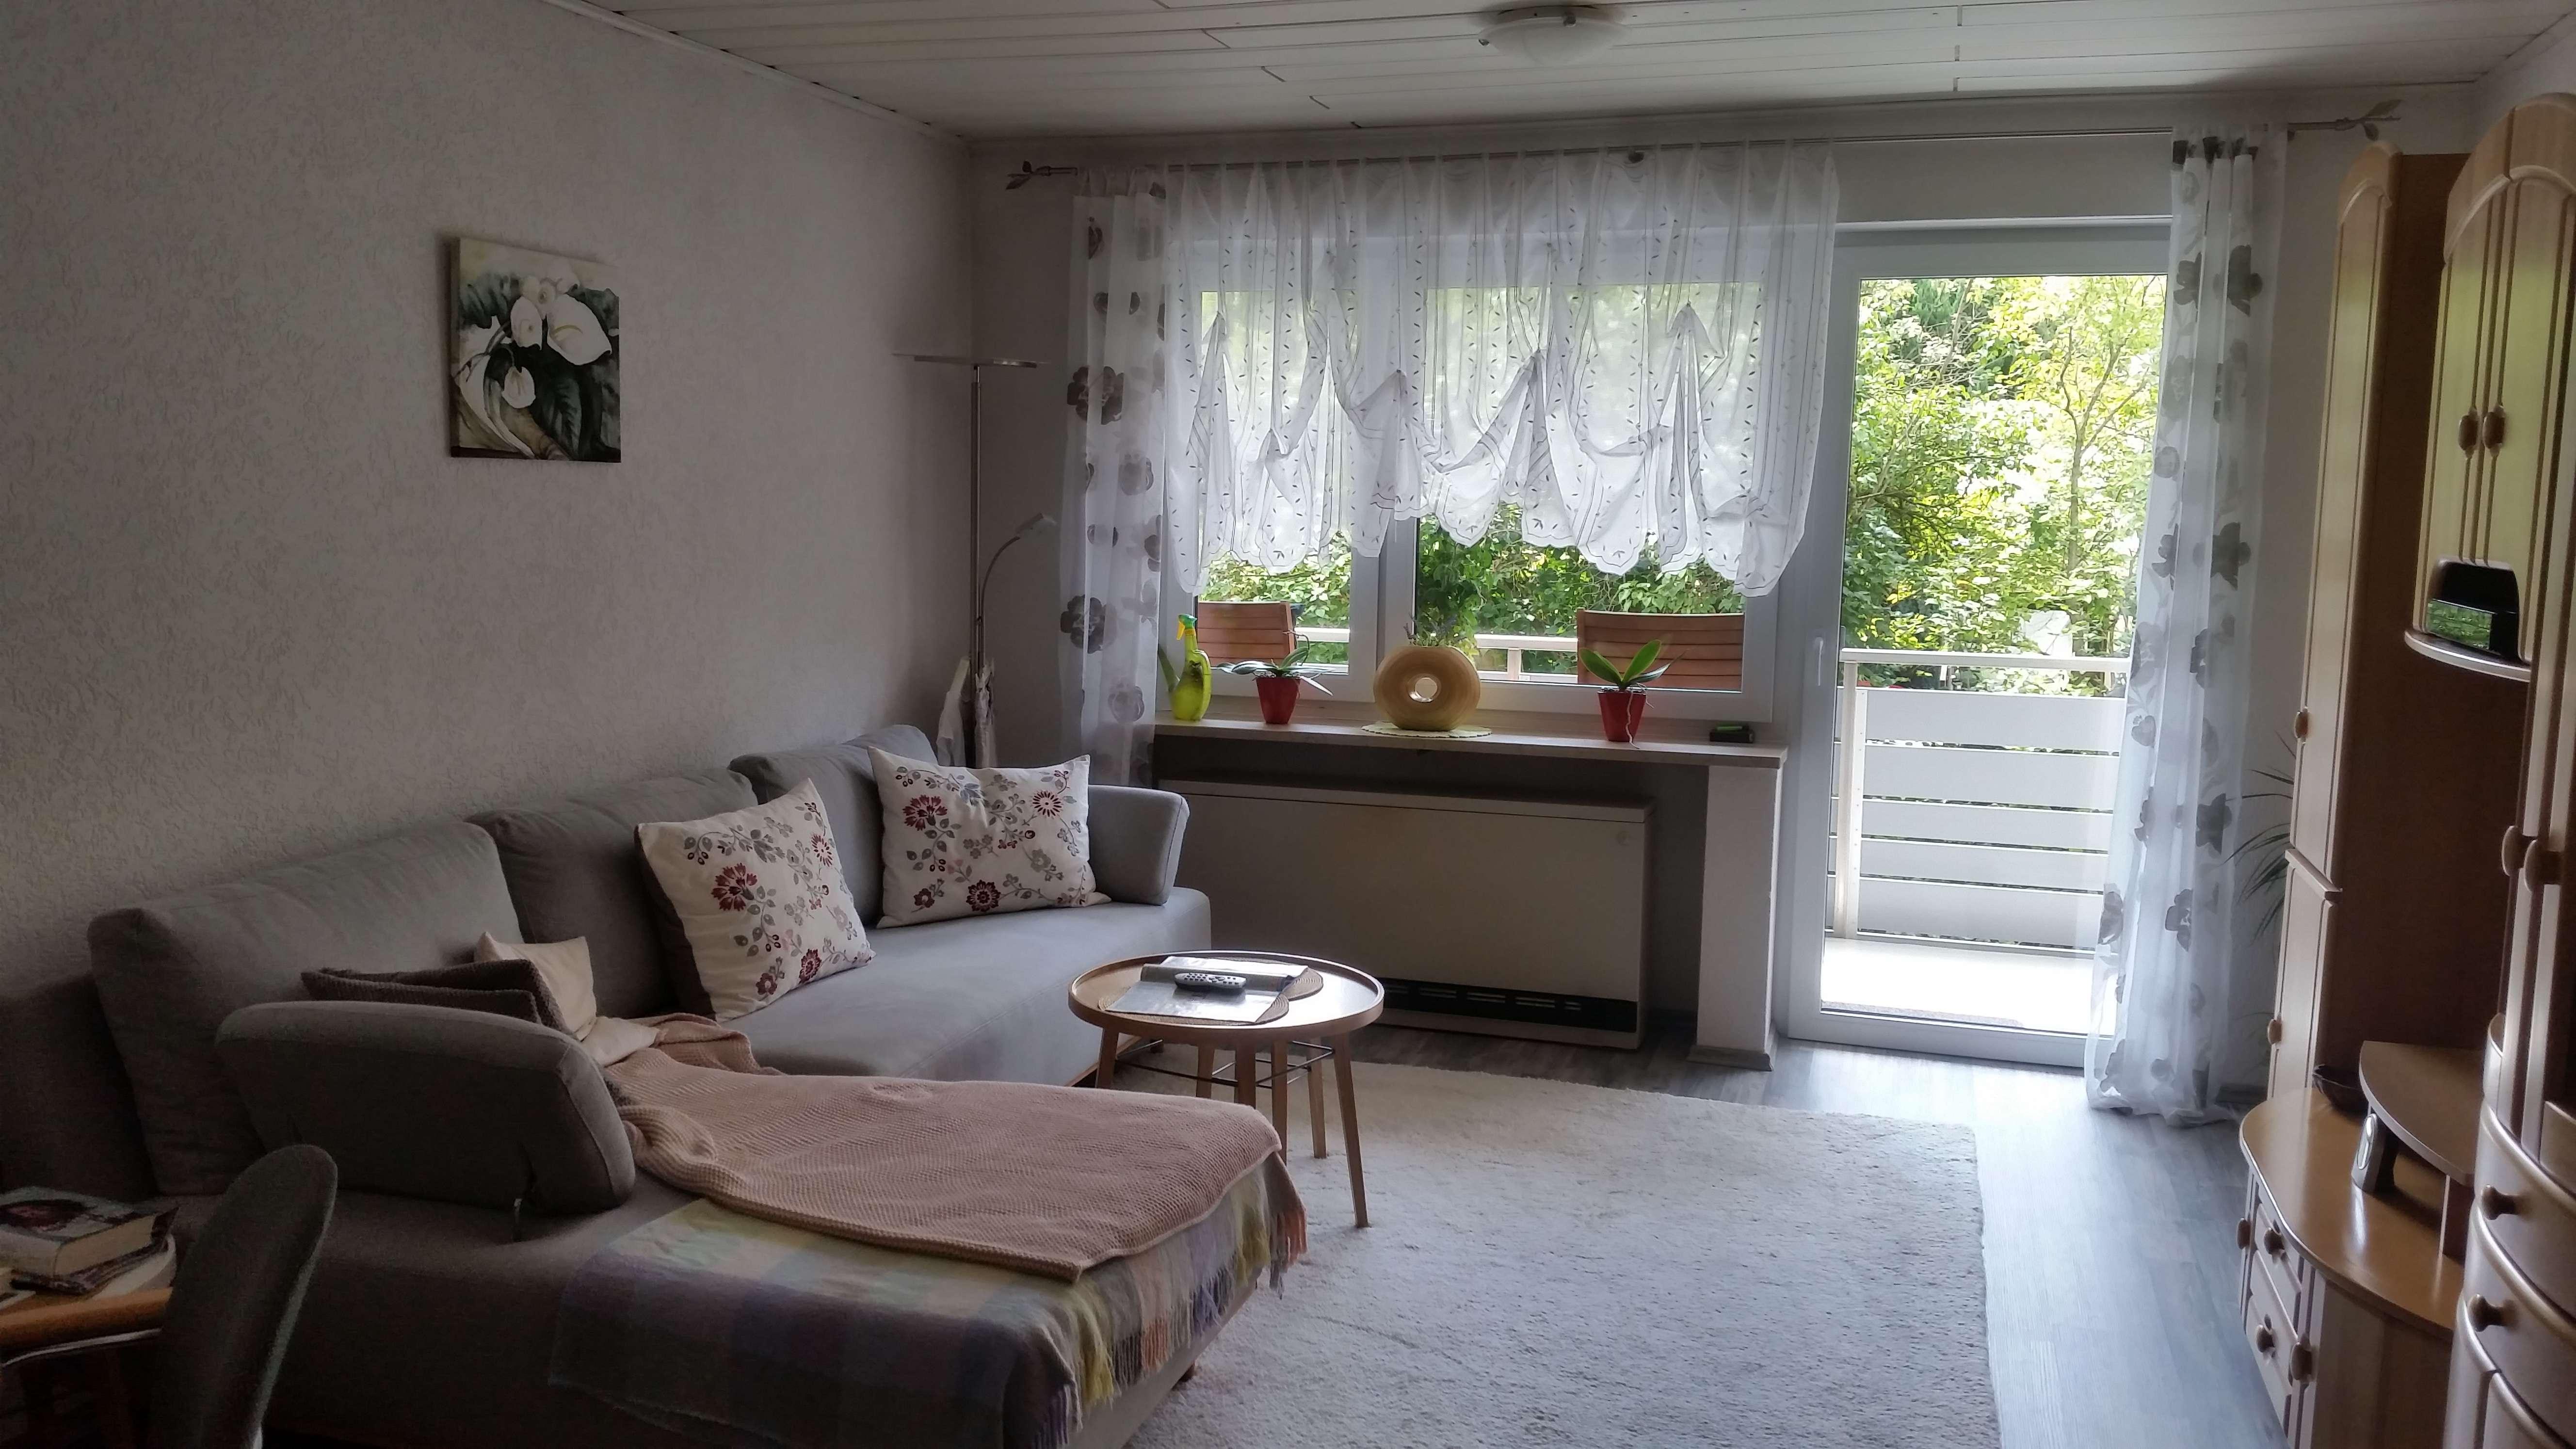 3-Zi.-Wohnung mit Balkon, Garage & Hobbykeller *provisionsfrei*